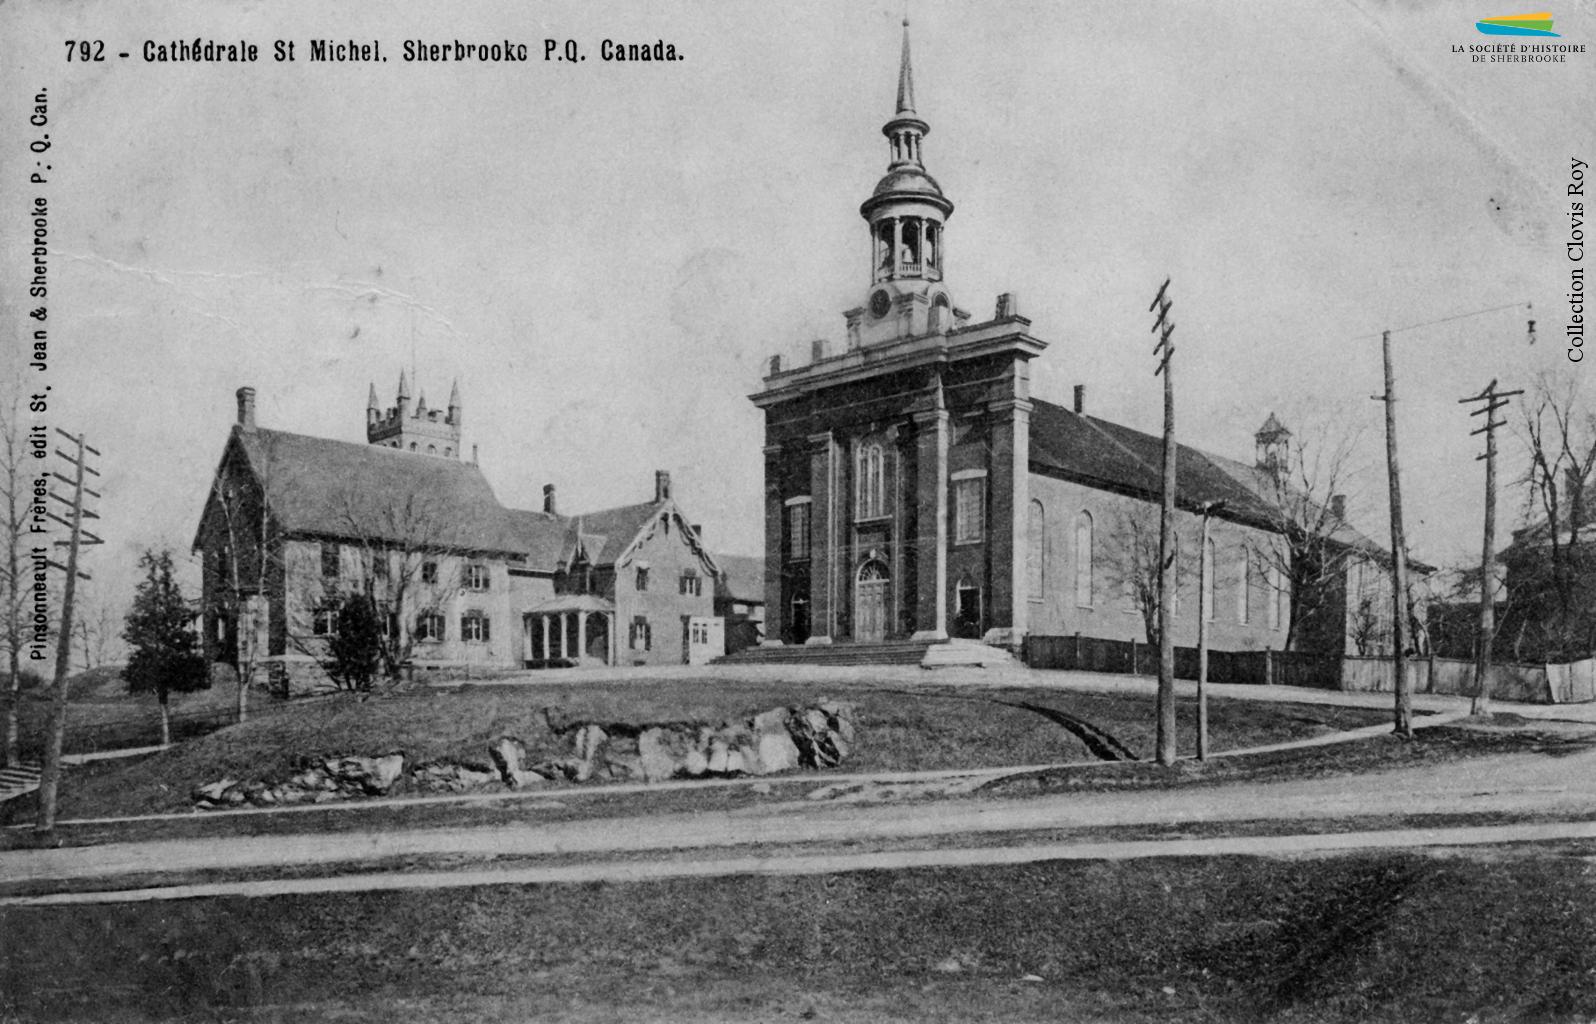 La première cathédrale Saint-Michel sur la rue Marquette, vers 1900. L'église est construite en 1857, et devient la cathédrale de Sherbrooke lors de la création de l'évêché en 1874. Elle est démolie en 1917 pour faire place à la basilique Saint-Michel, dont la construction ne s'achève qu'en 1957.